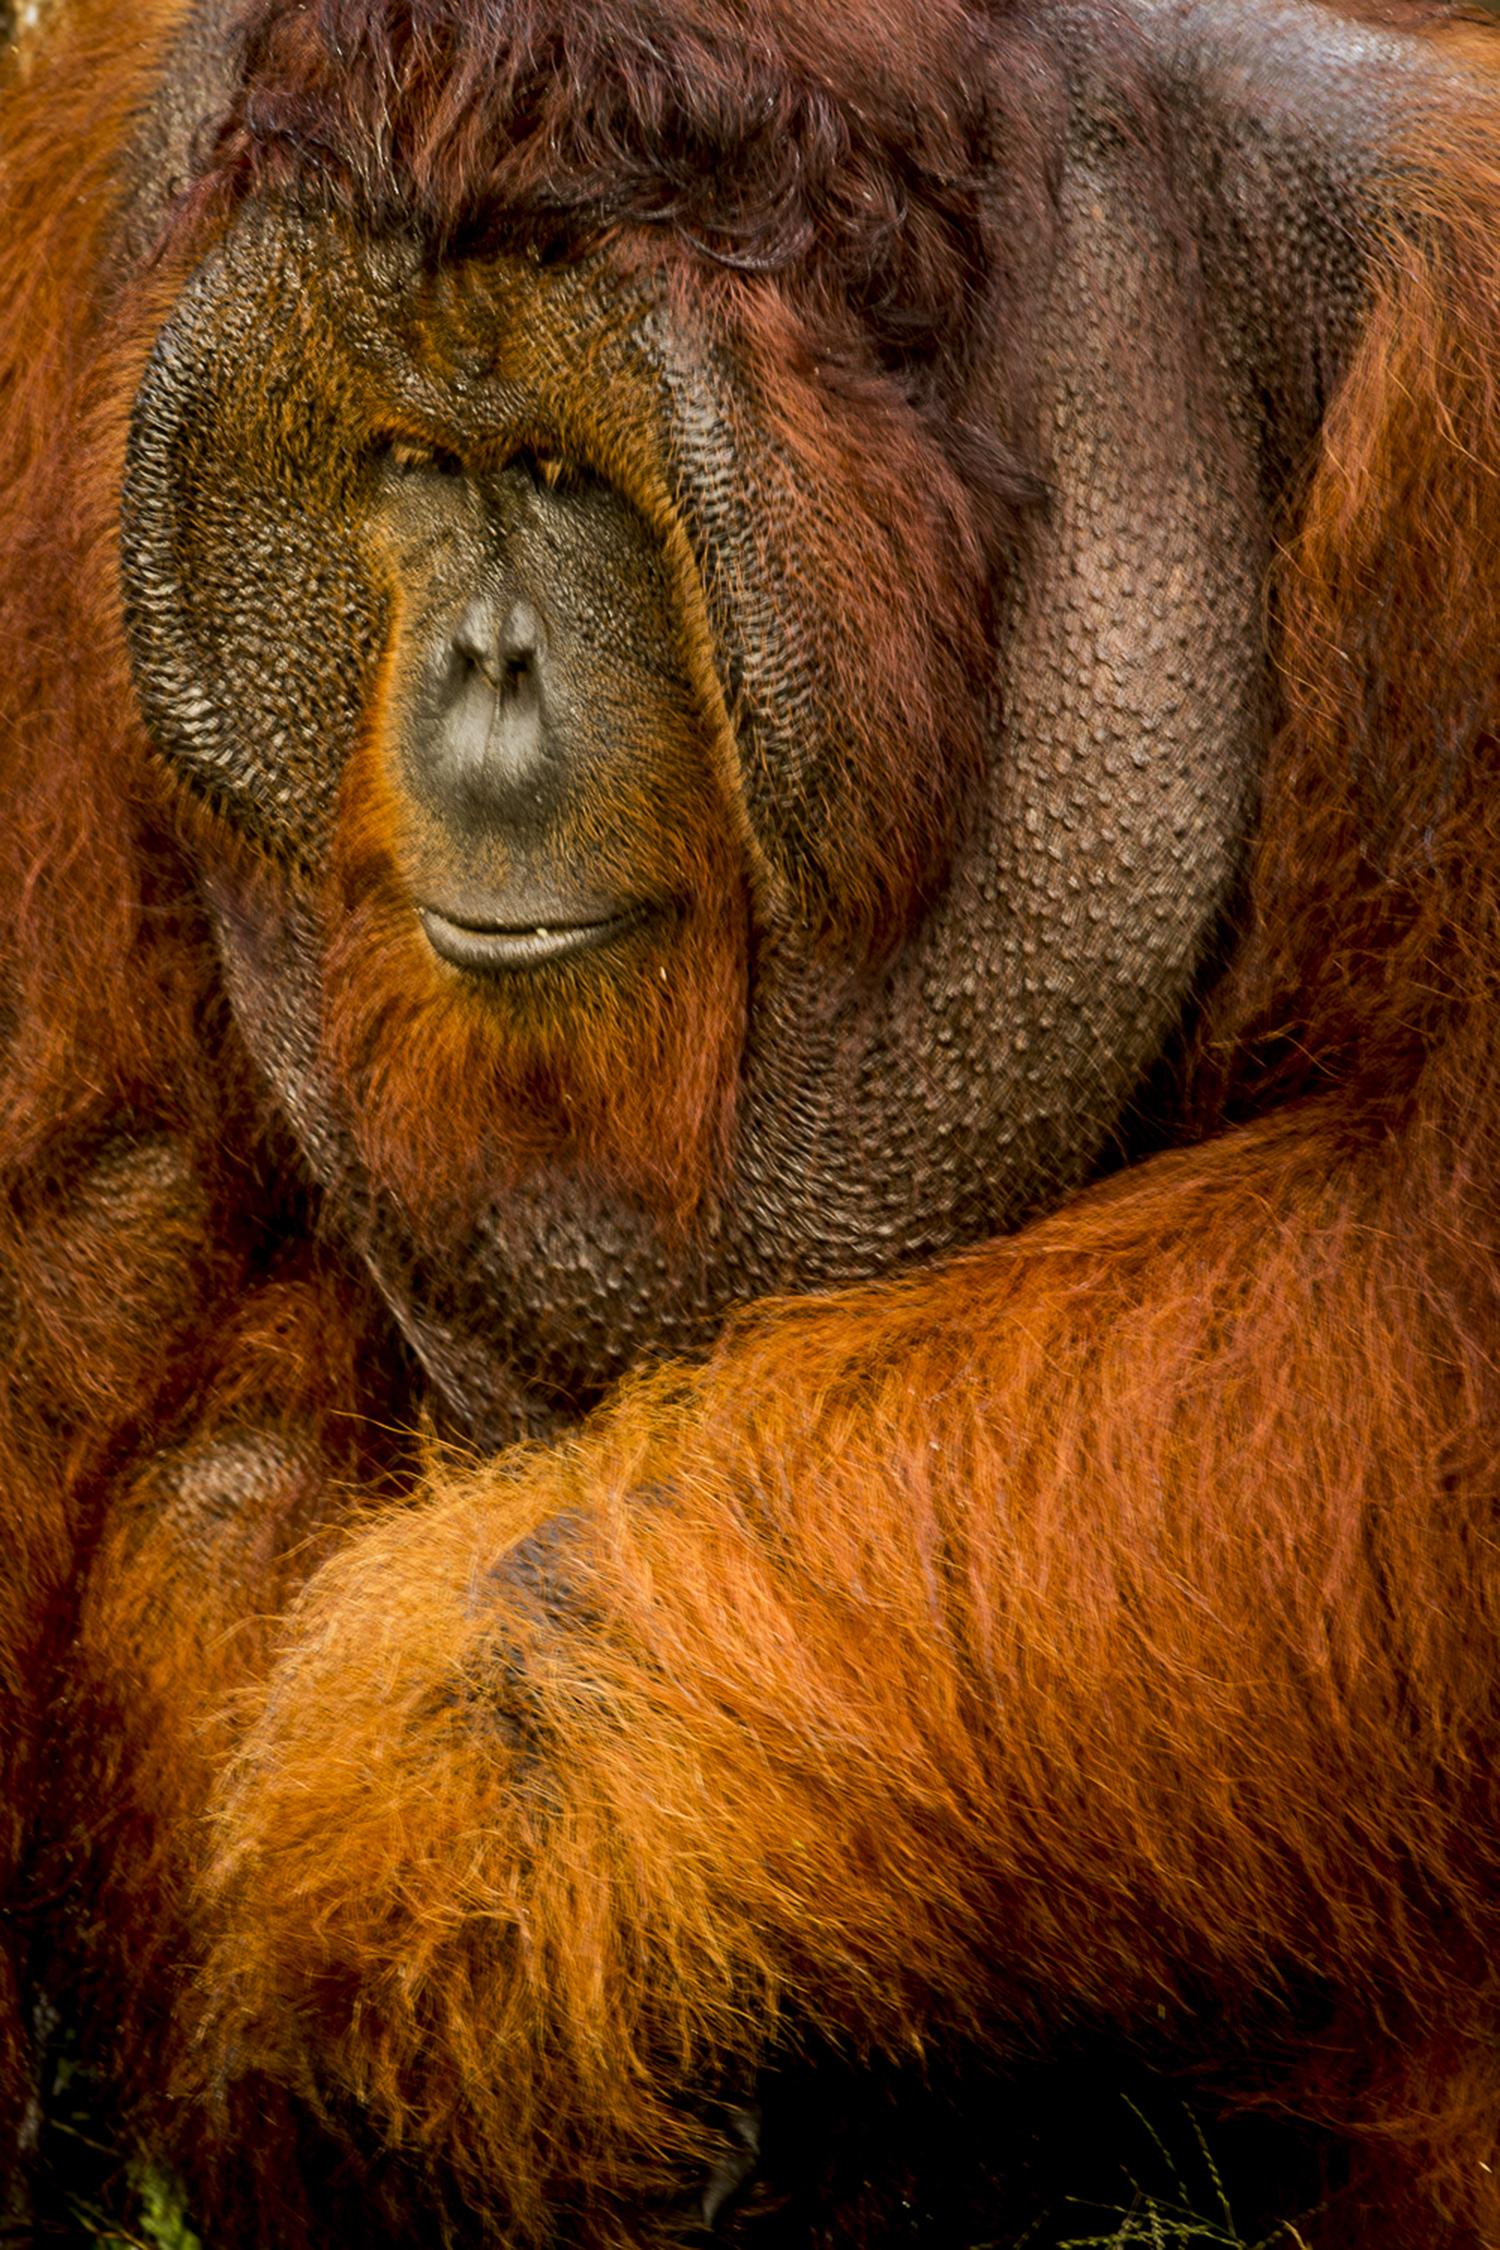 03_orangutan_borneo_02.jpg